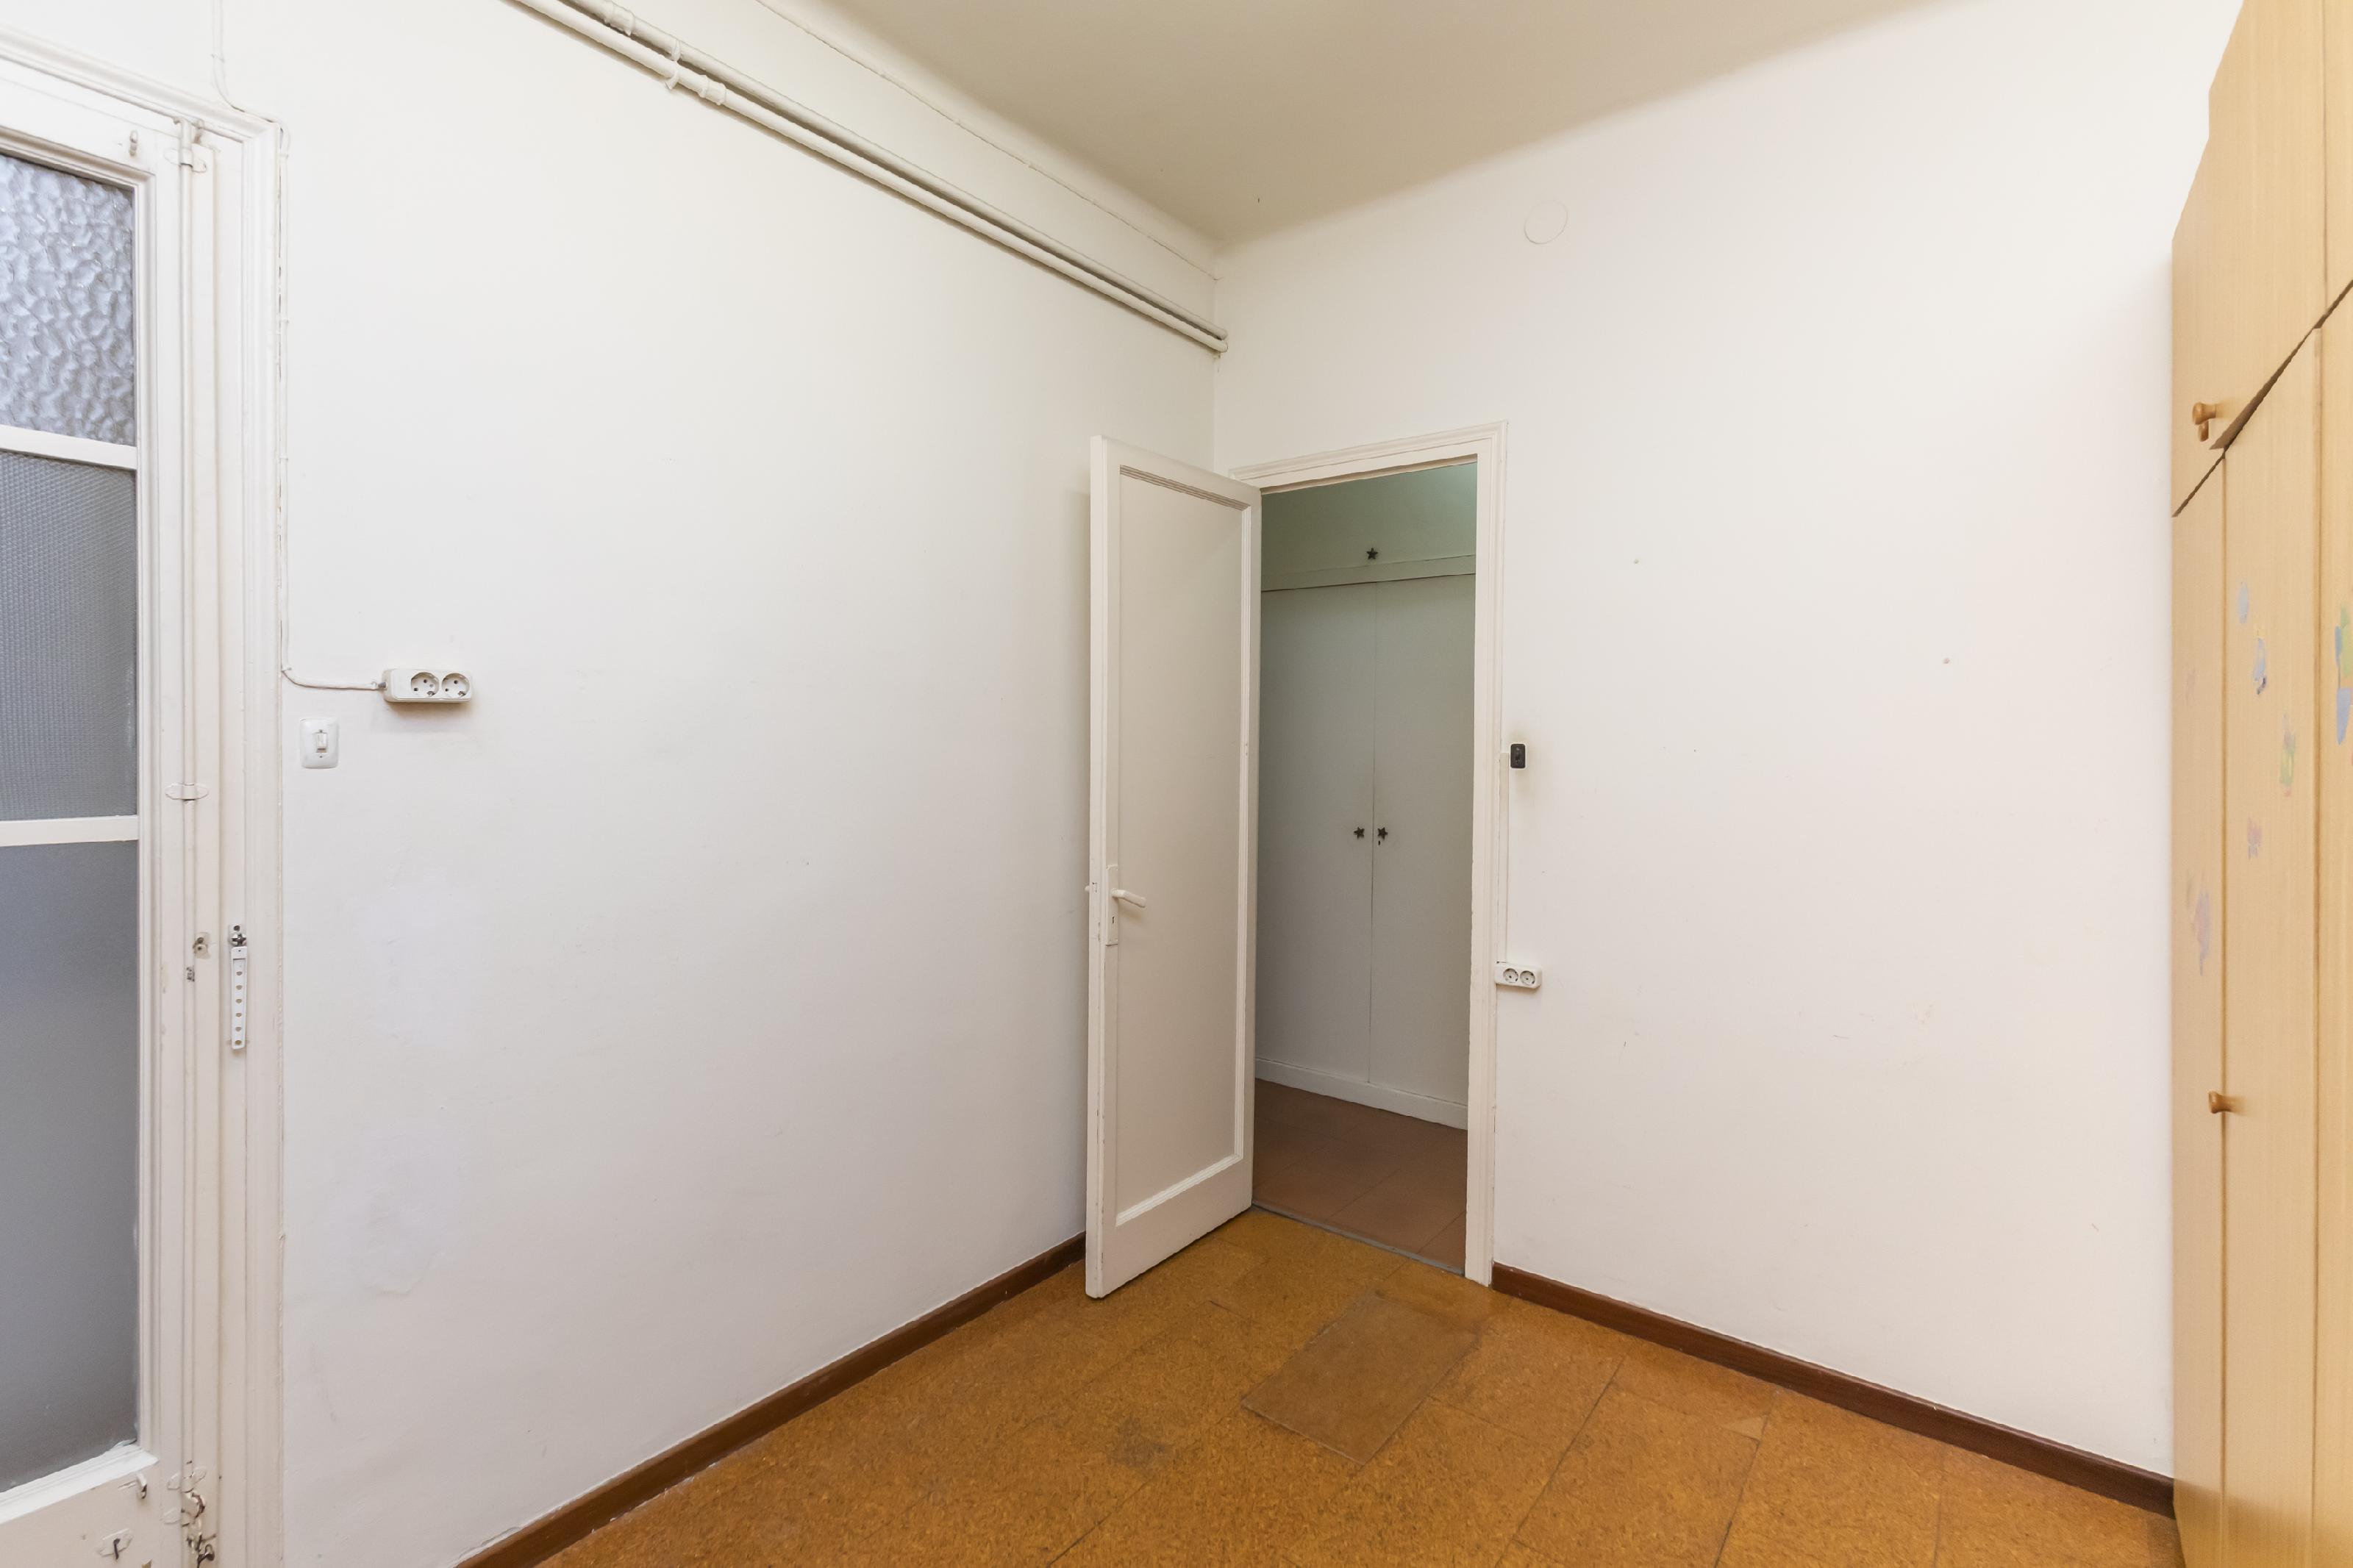 248888 Flat for sale in Sarrià-Sant Gervasi, St. Gervasi-Bonanova 16